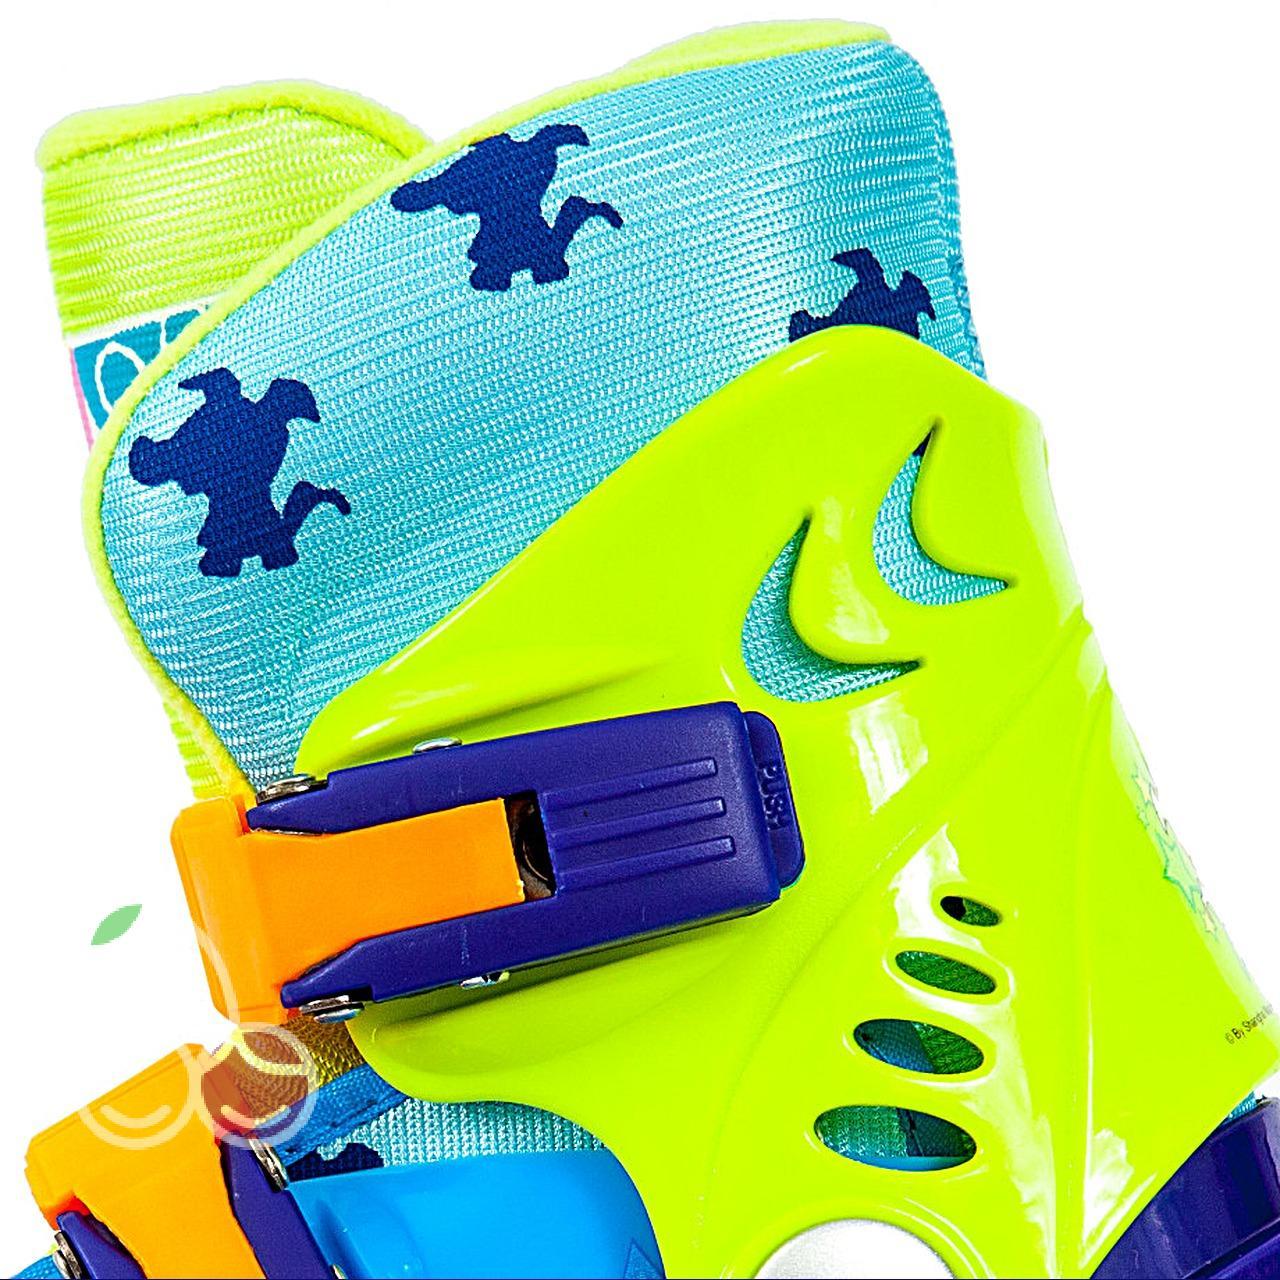 Роликовые коньки детские 28 размер, для обучения (трехколесные, раздвижной ботинок) MagicWheels зеленые, - фото 3